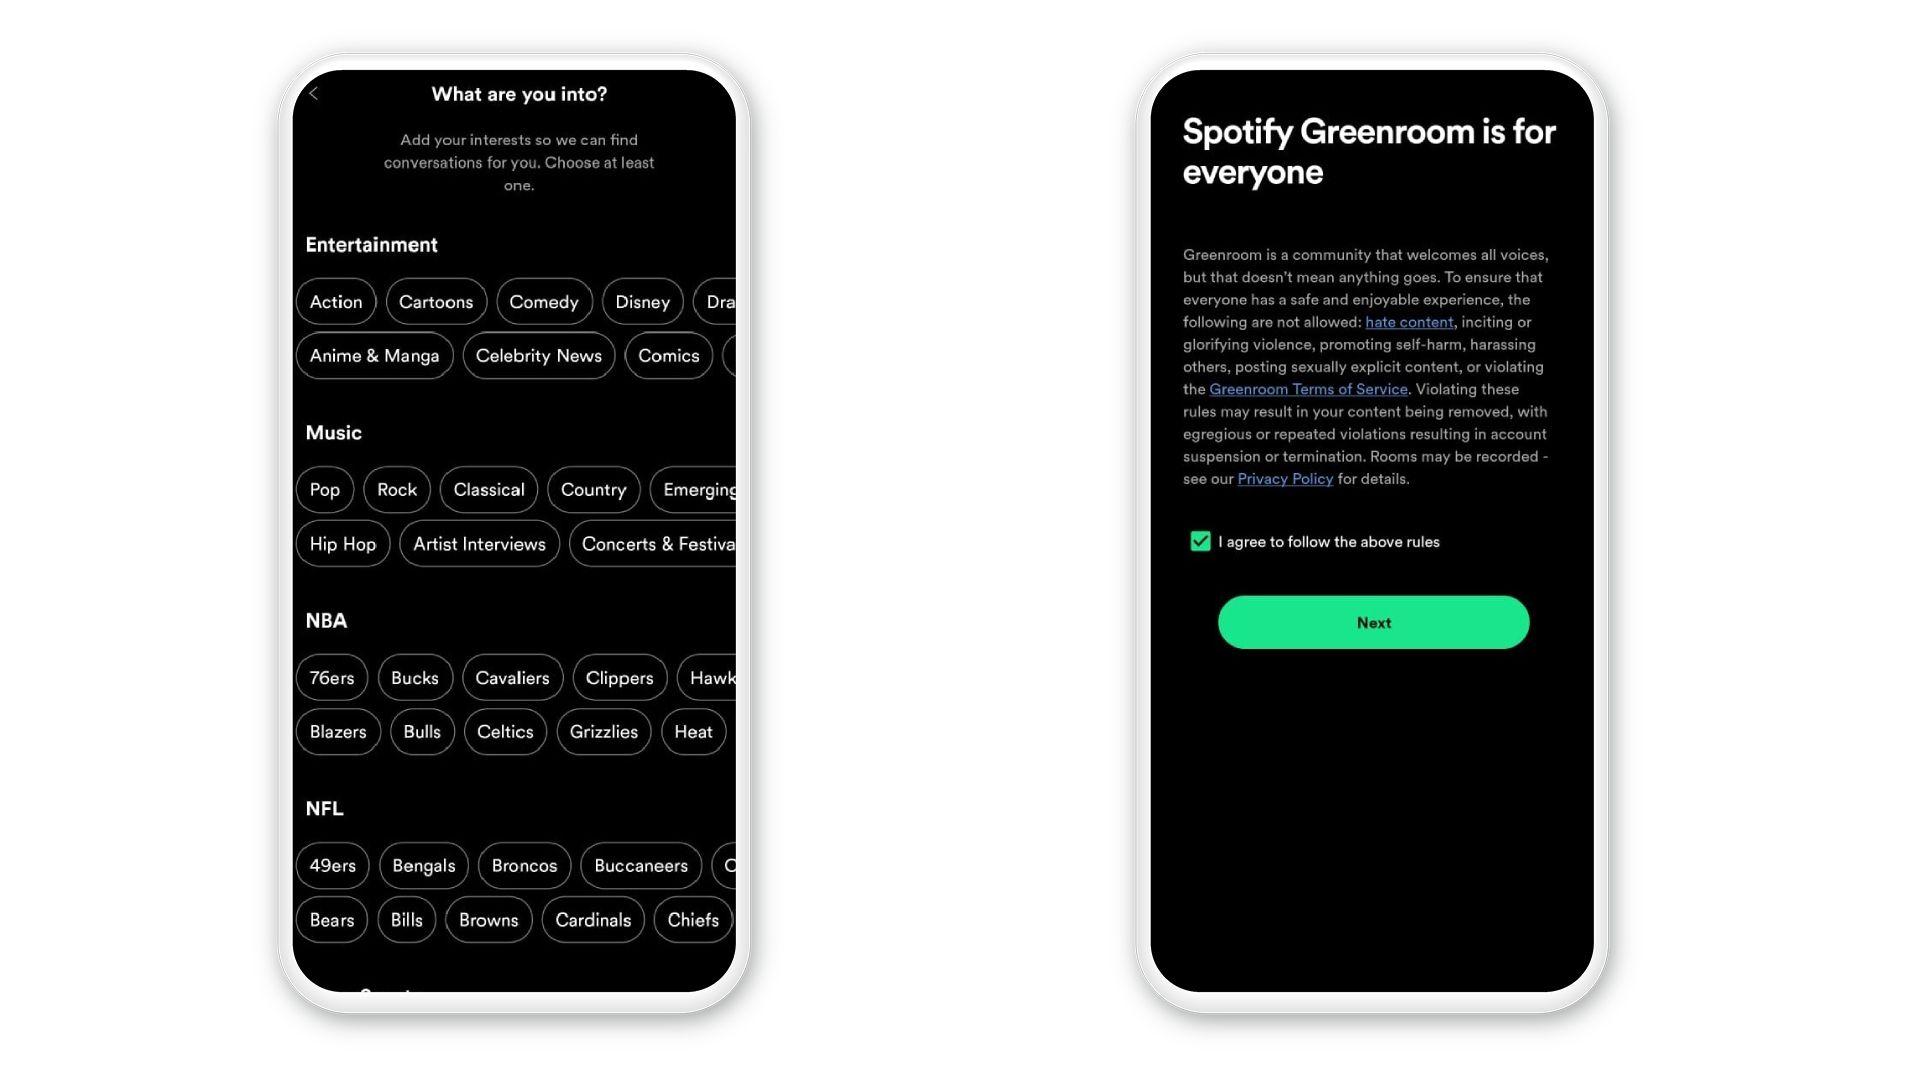 Para finalizar o cadastro, selecione suas preferências e confirme os termos de condição do Spotify Greenroom (Foto: Reprodução/Zoom)